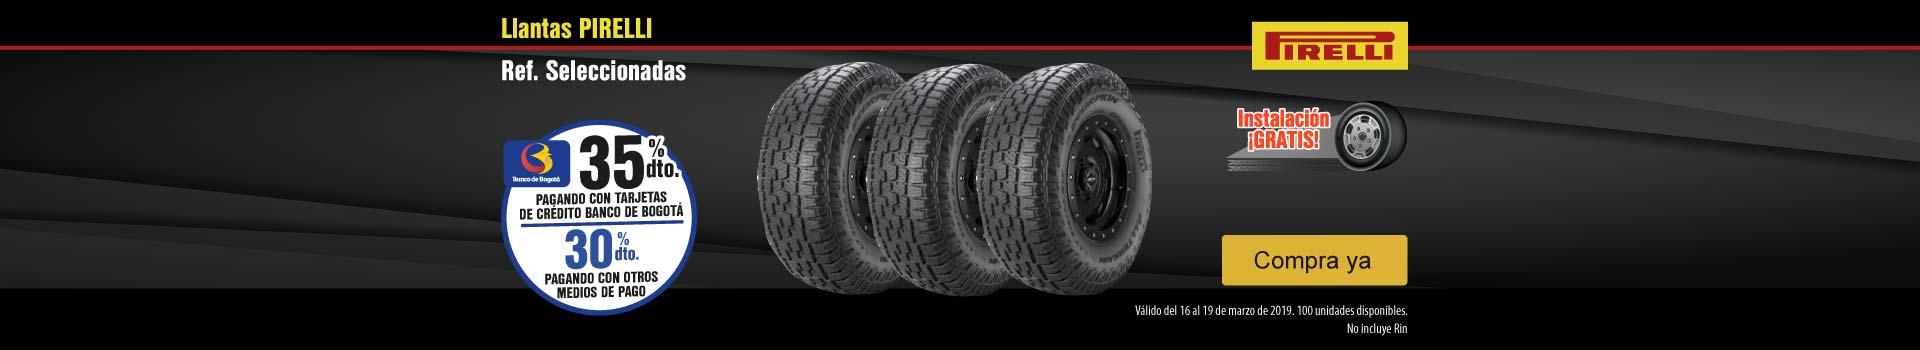 AK-HIPER-1-llantas-Pirelli-Mar16-D